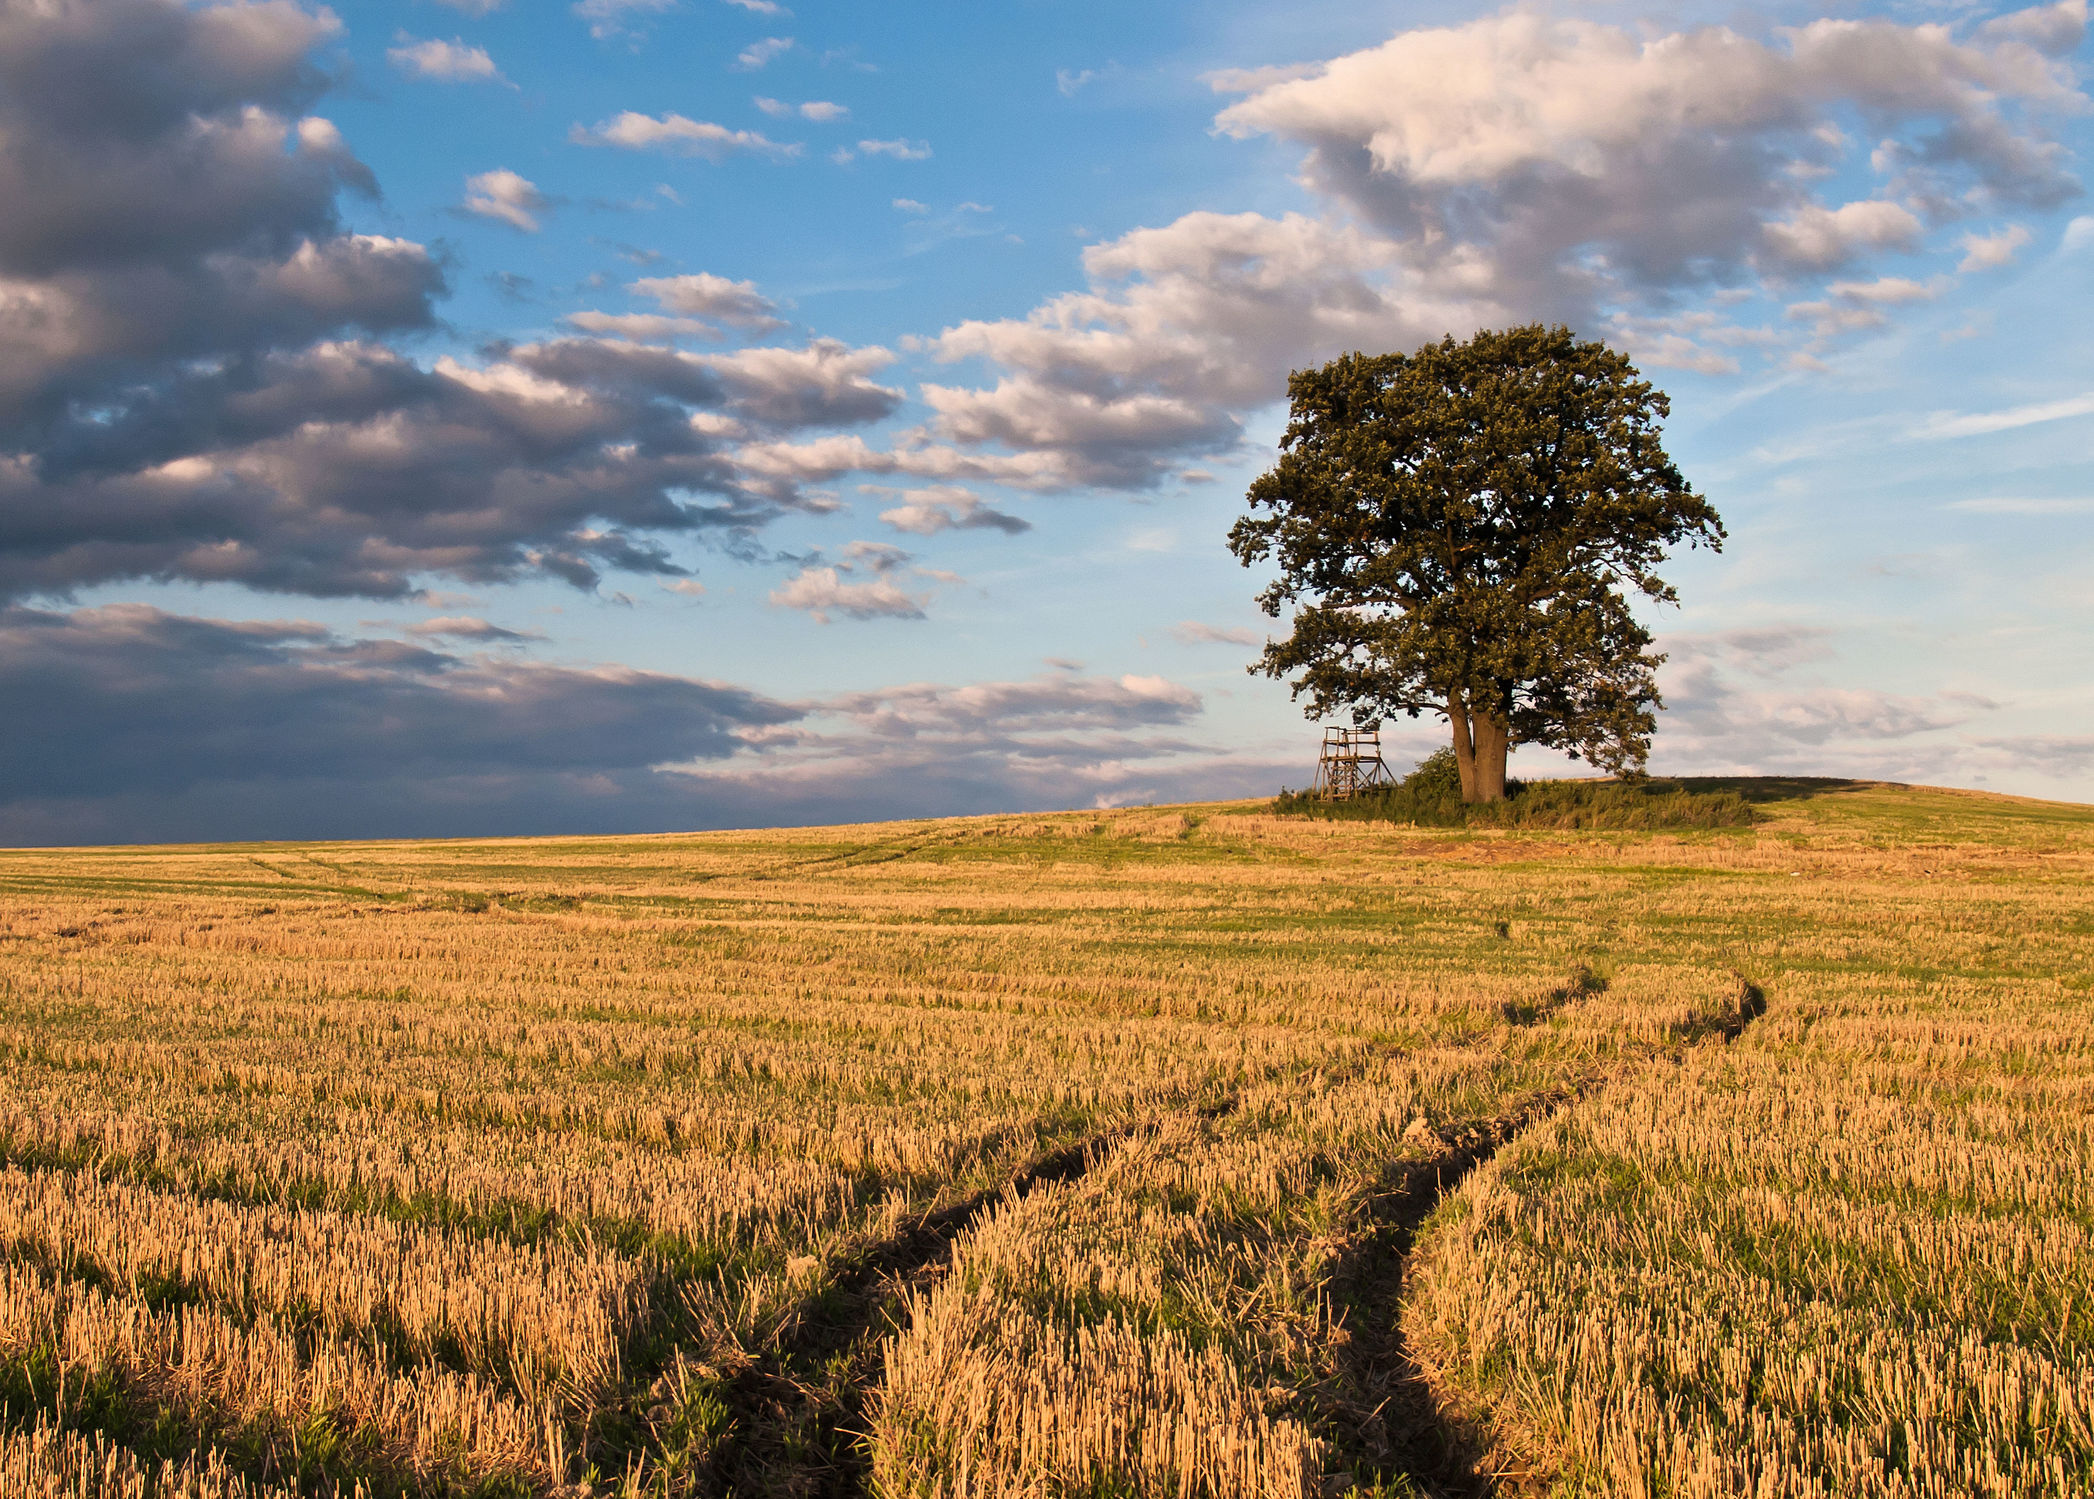 Bild mit Landschaften, Baum, Landschaft, Wiese, Feld, Felder, Wiesen, Weide, Weiden, landwirtschaft, Land, Kornfeld